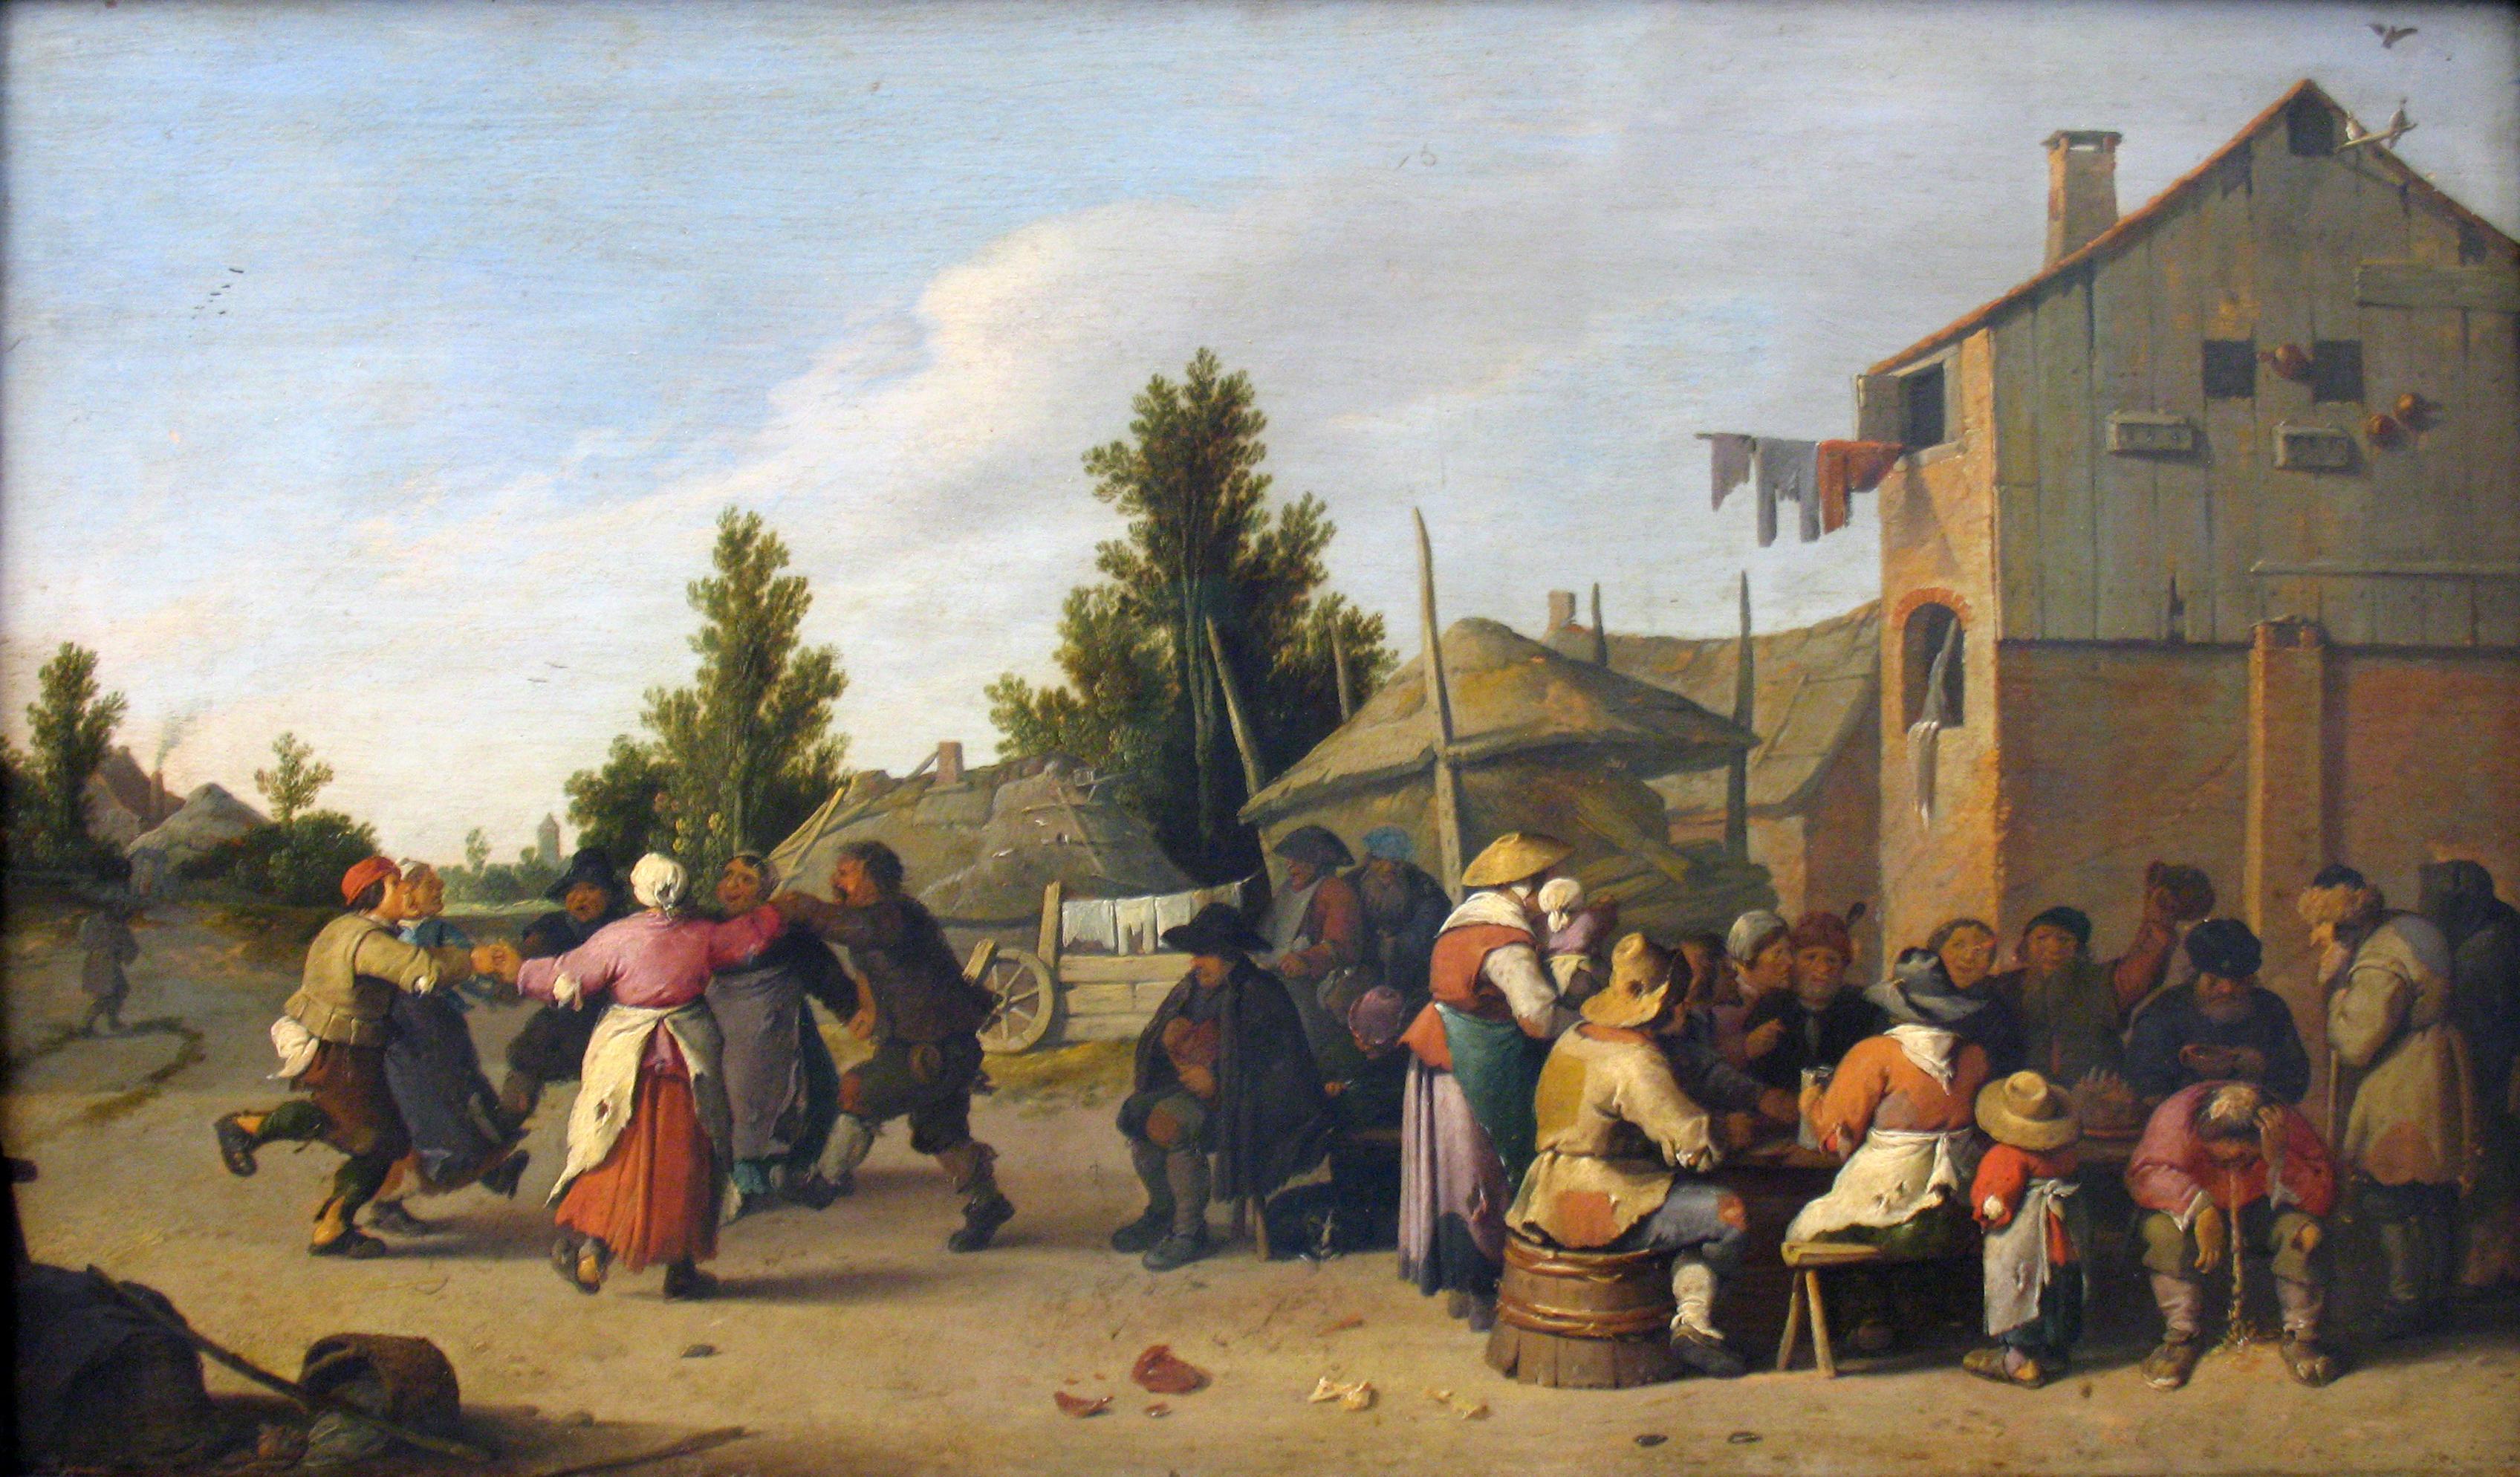 File:1625-35 Bloot Bauernbelustigung anagoria.jpg